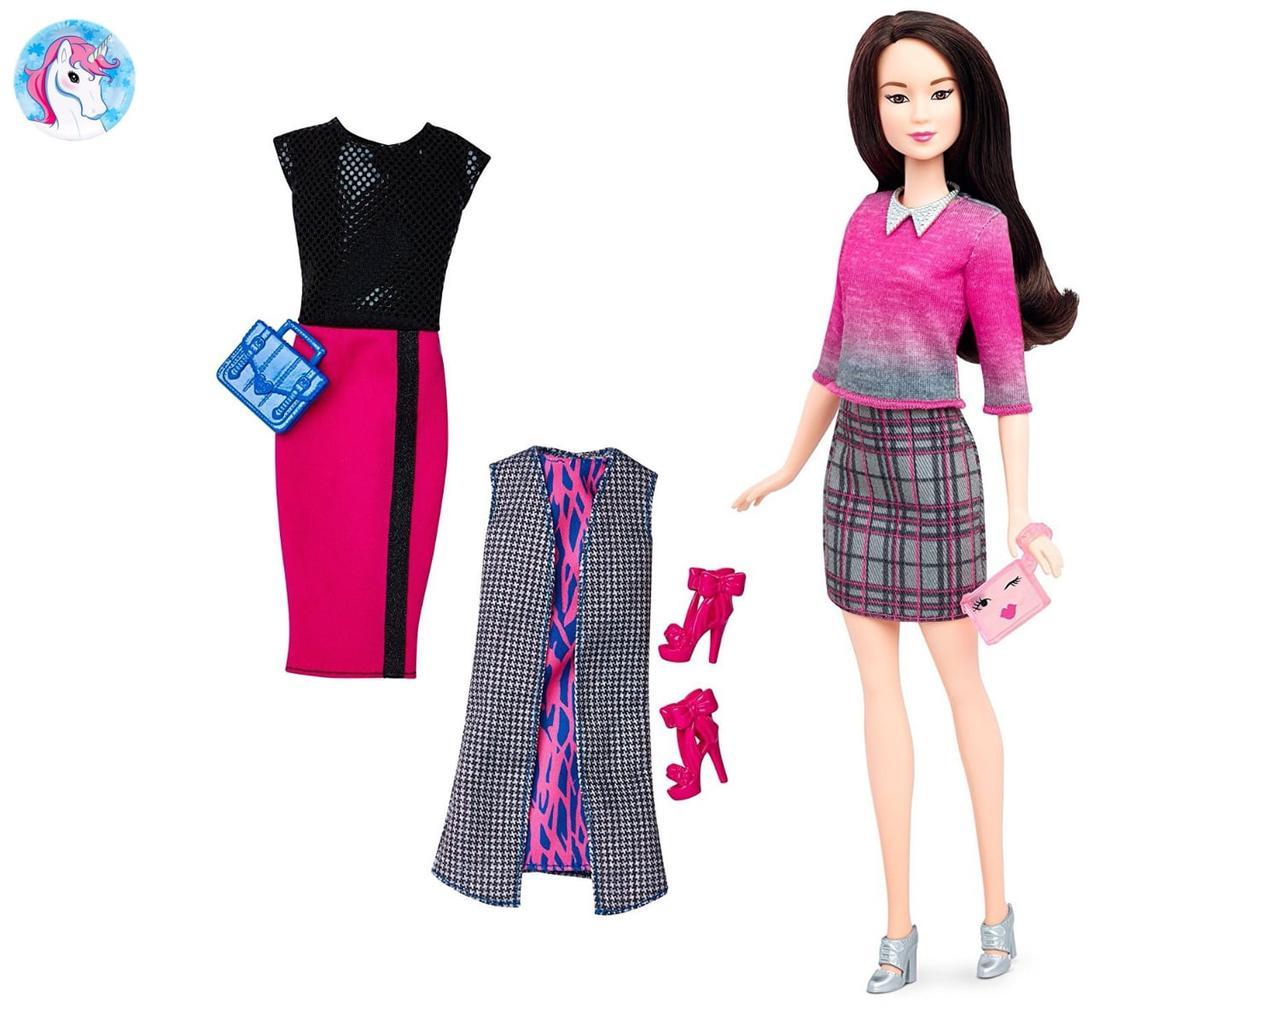 4c9ed72d4 Игровой набор Барби модница с одеждой и аксессуарами азиатка Barbie  Fashionistas - Детские игрушки интернет-